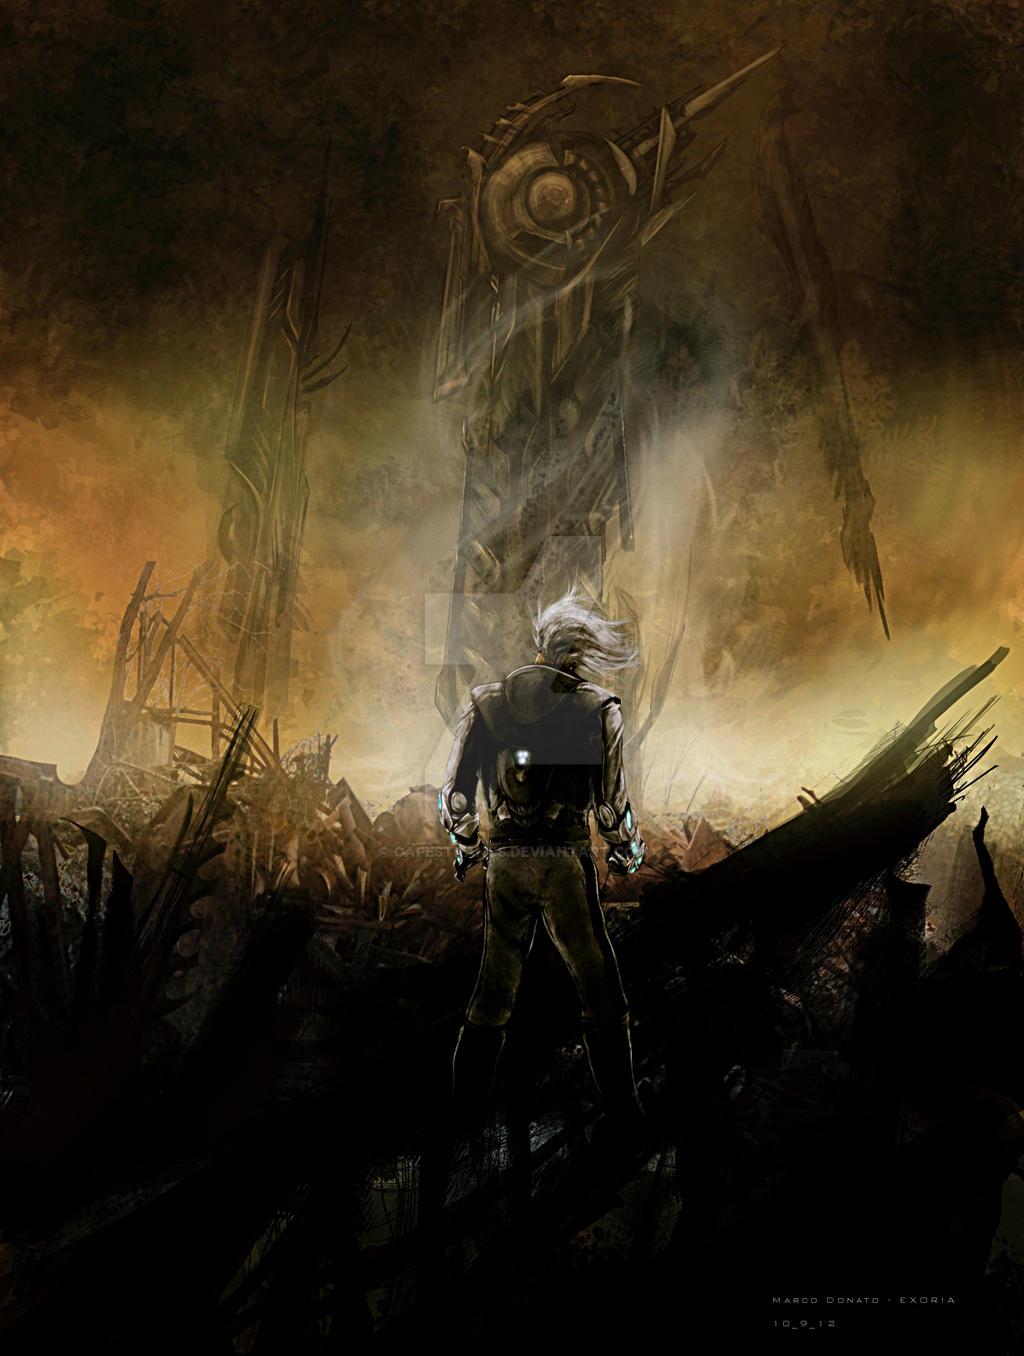 EXORIA - COVER by Capestranus